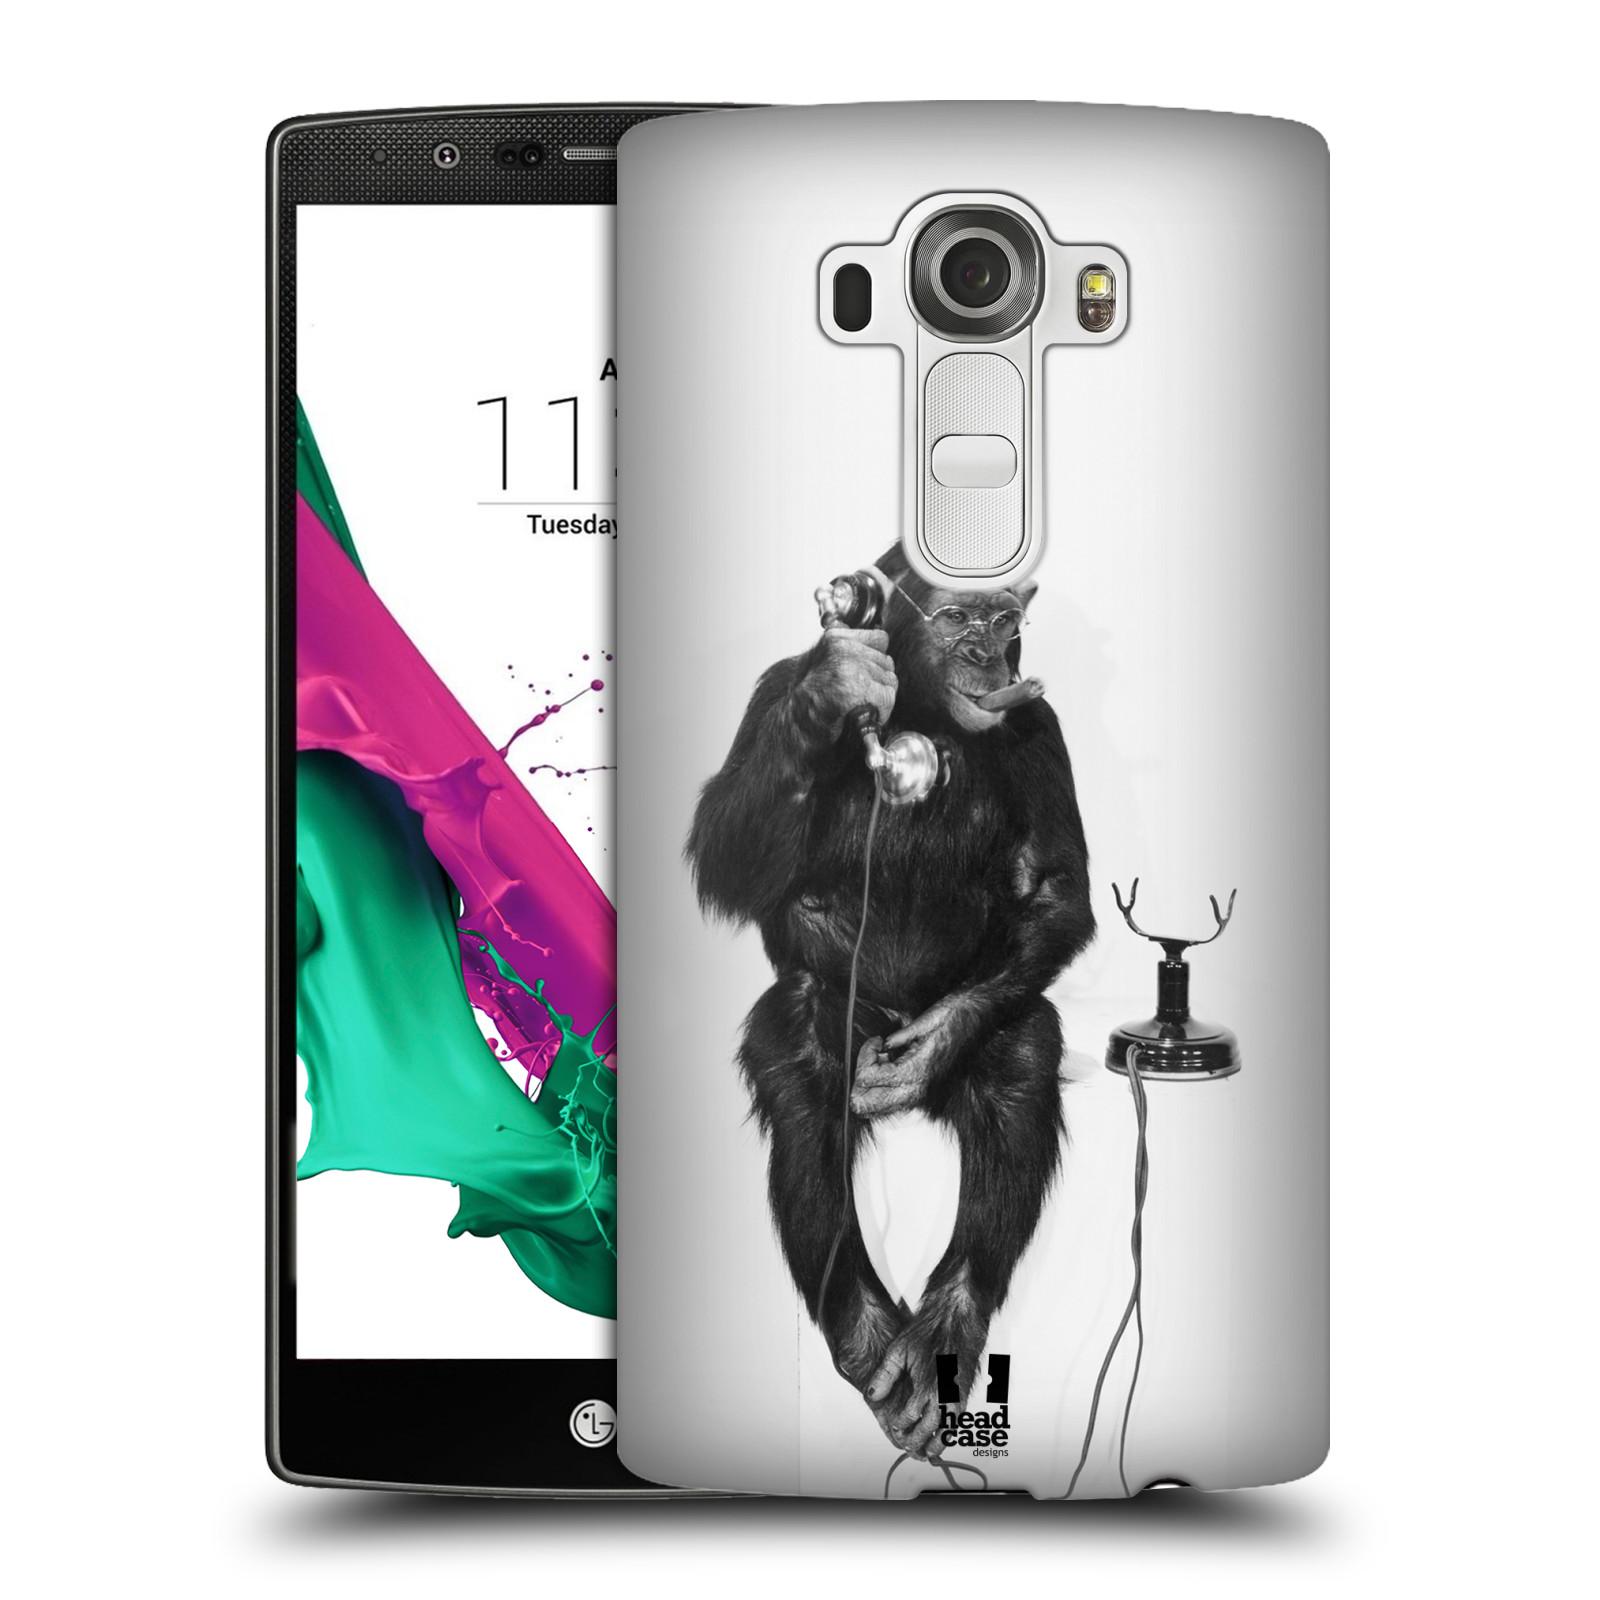 Plastové pouzdro na mobil LG G4 HEAD CASE OPIČÁK S TELEFONEM (Kryt či obal na mobilní telefon LG G4 H815)